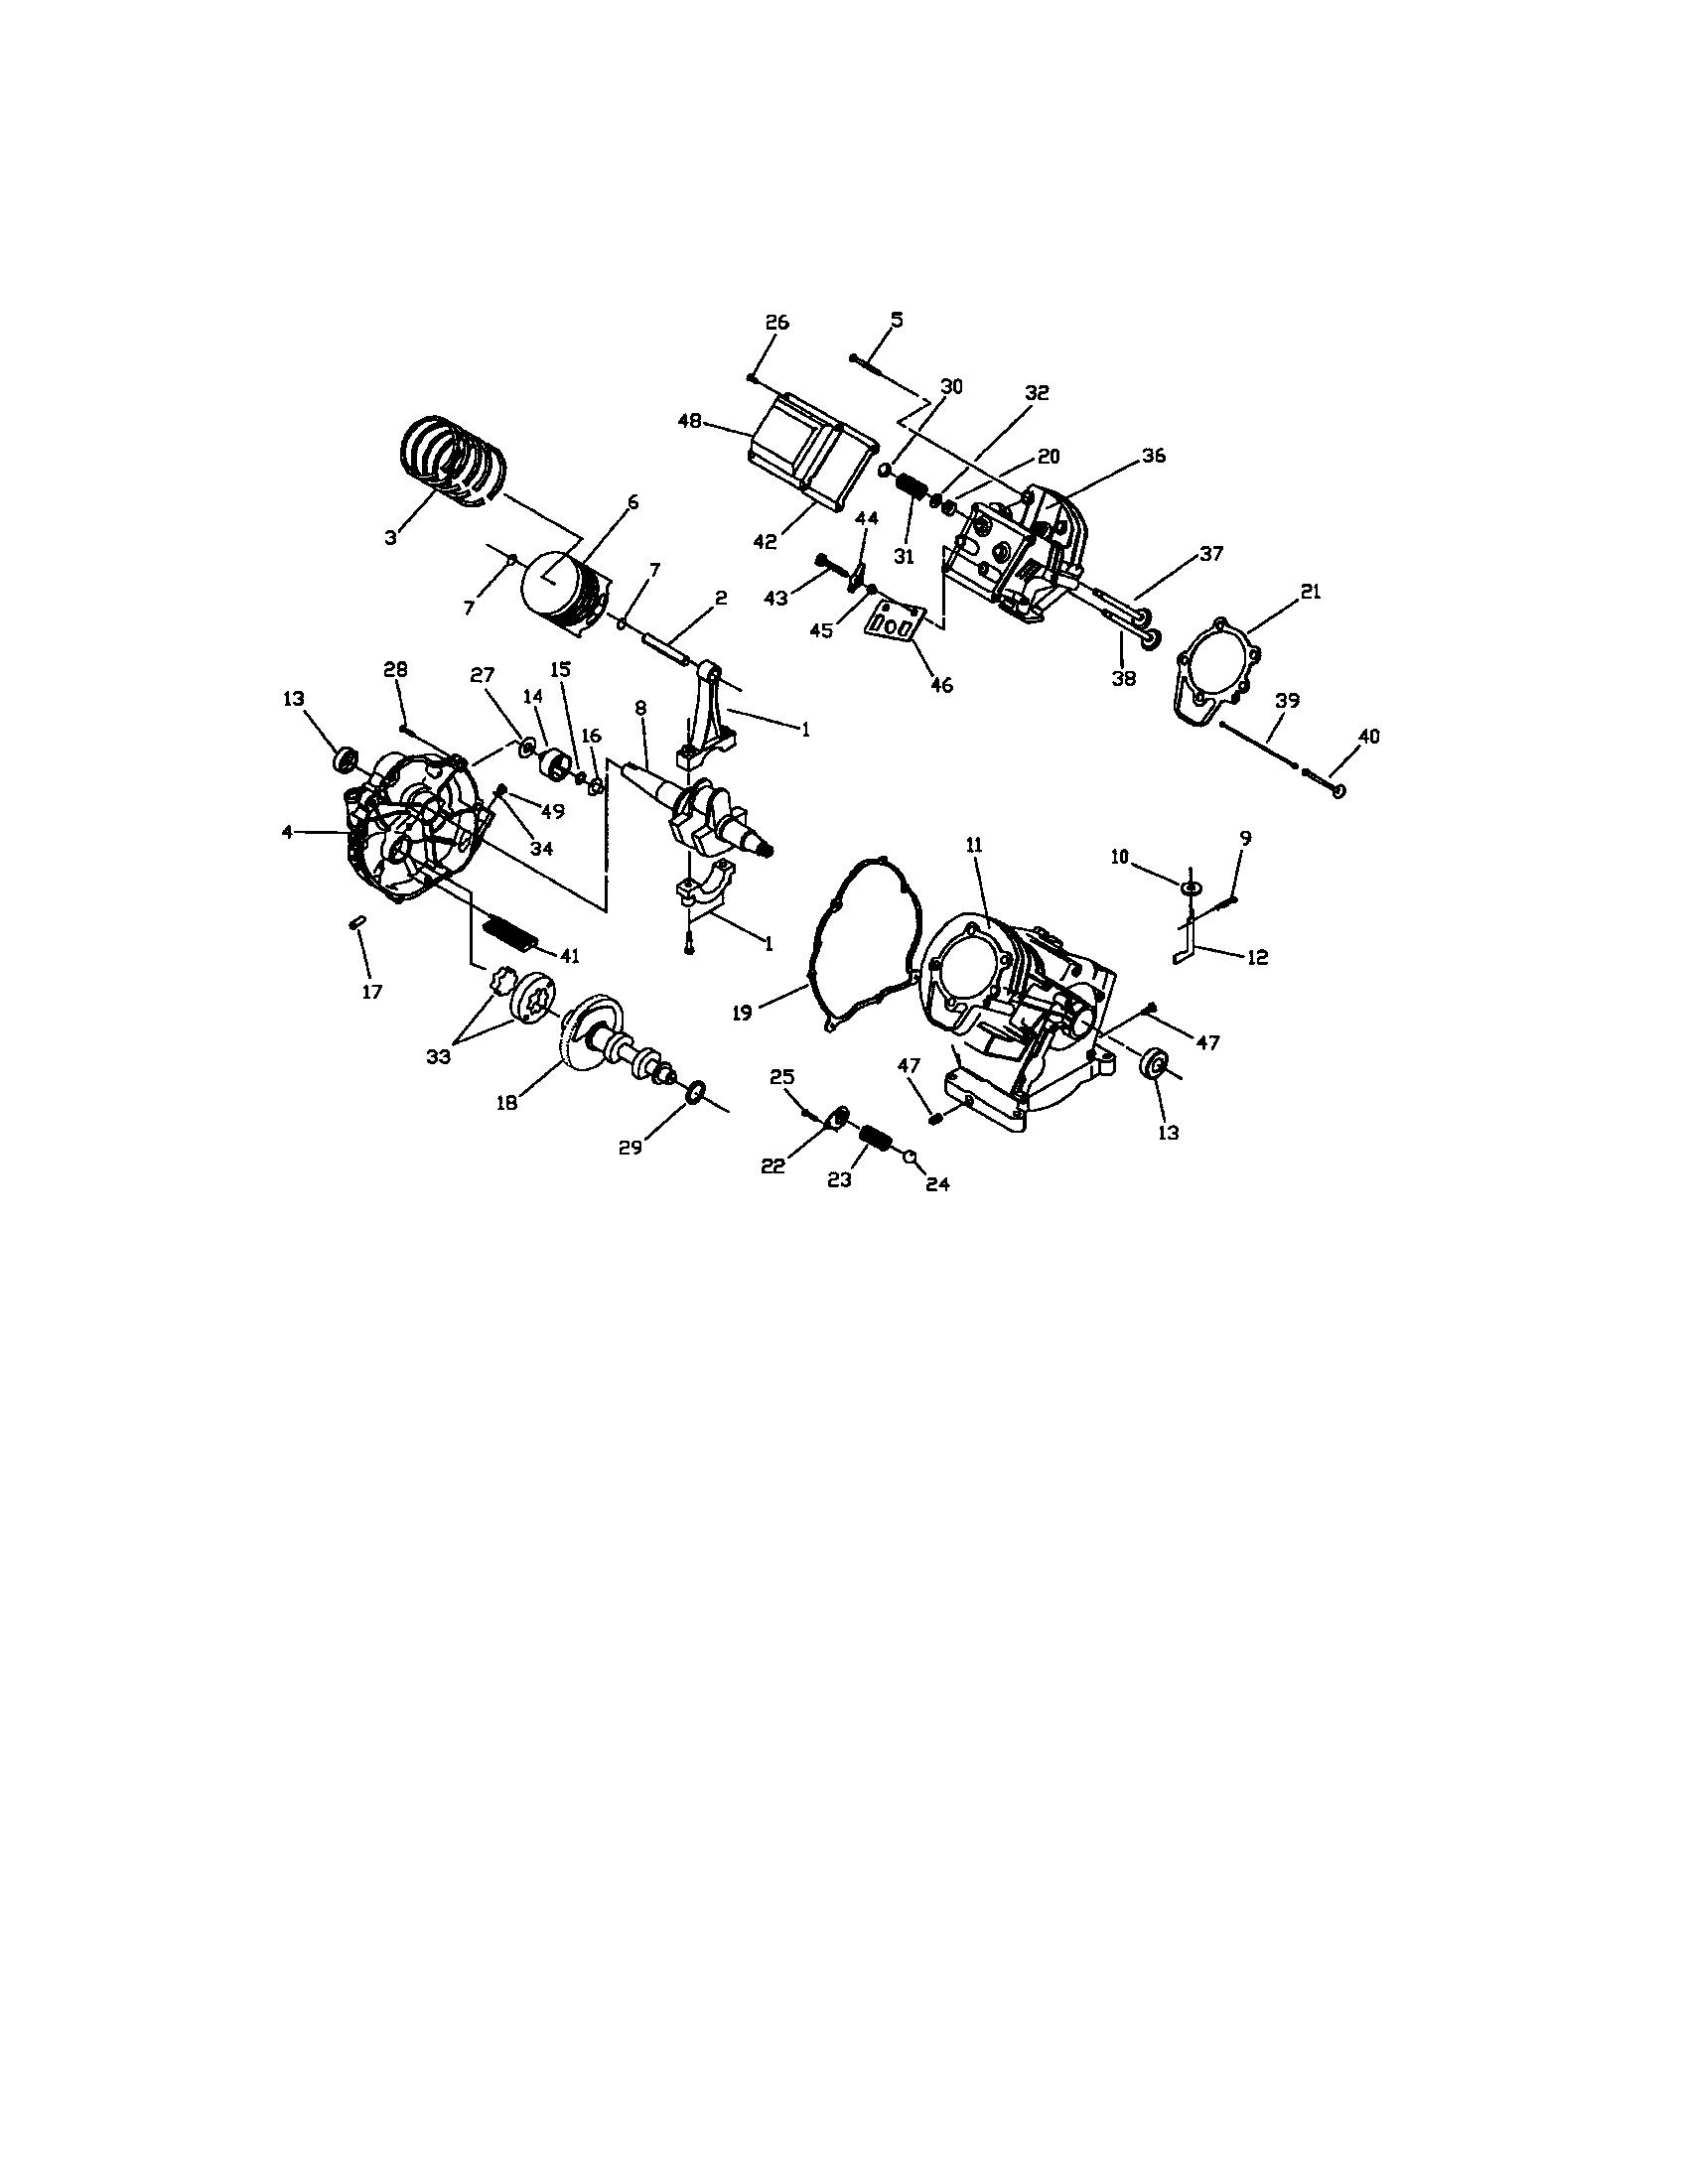 Generac Ohvi Engine Parts Diagram Wiring A Split Outlet